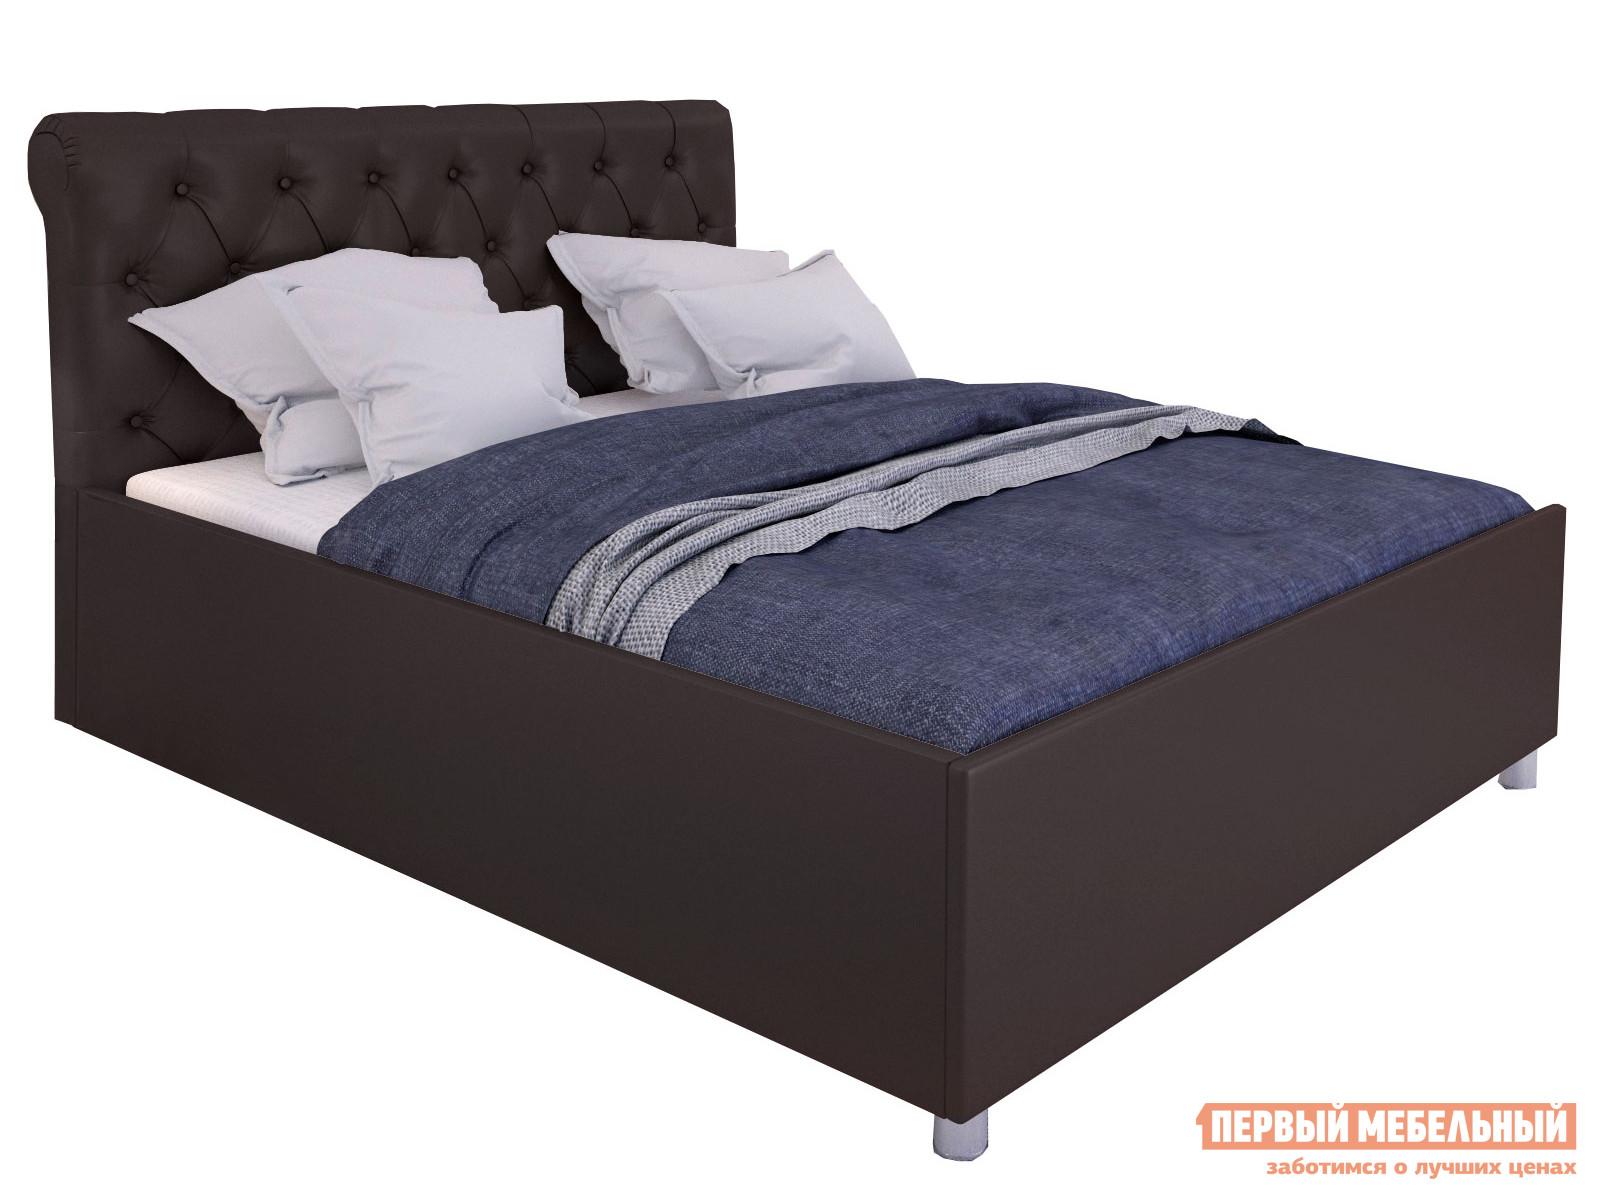 Двуспальная кровать  Кровать с подъемным механизмом Офелия Коричневый, экокожа , 1400 Х 2000 мм